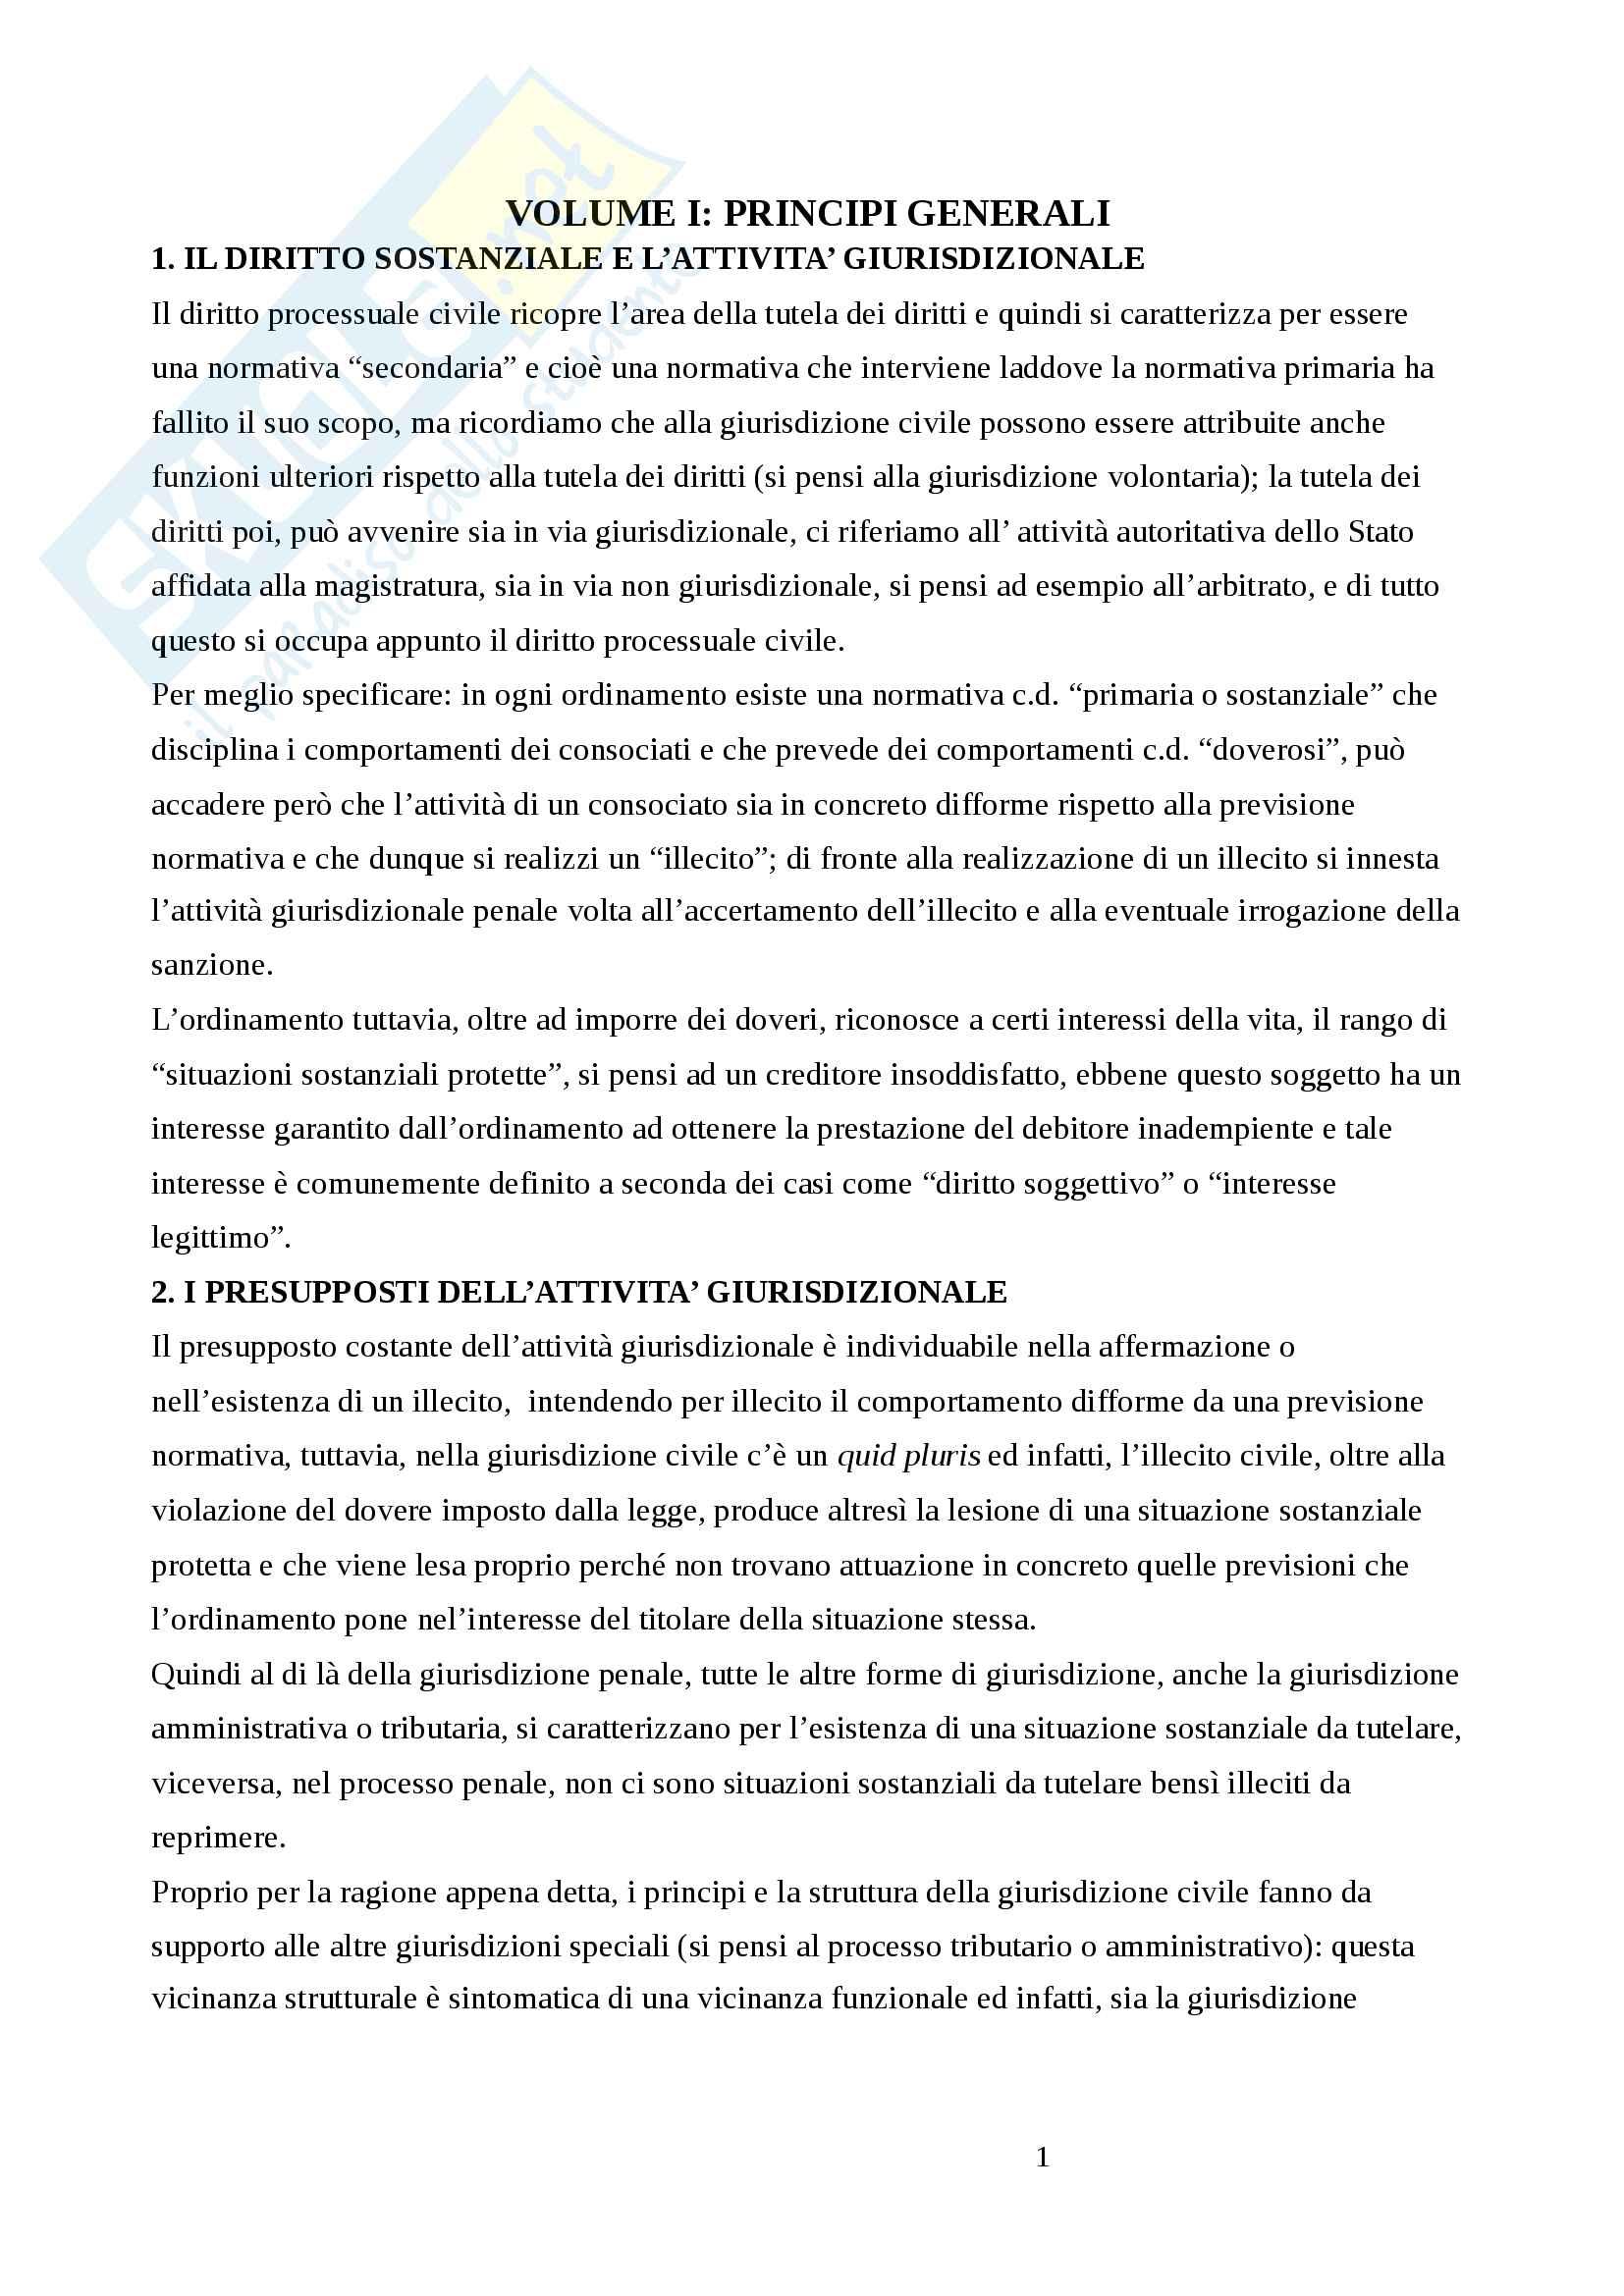 Riassunto esame di procedura civile, Prof.Tedoldi, libro consigliato Diritto processuale civile, dell'autore Luiso